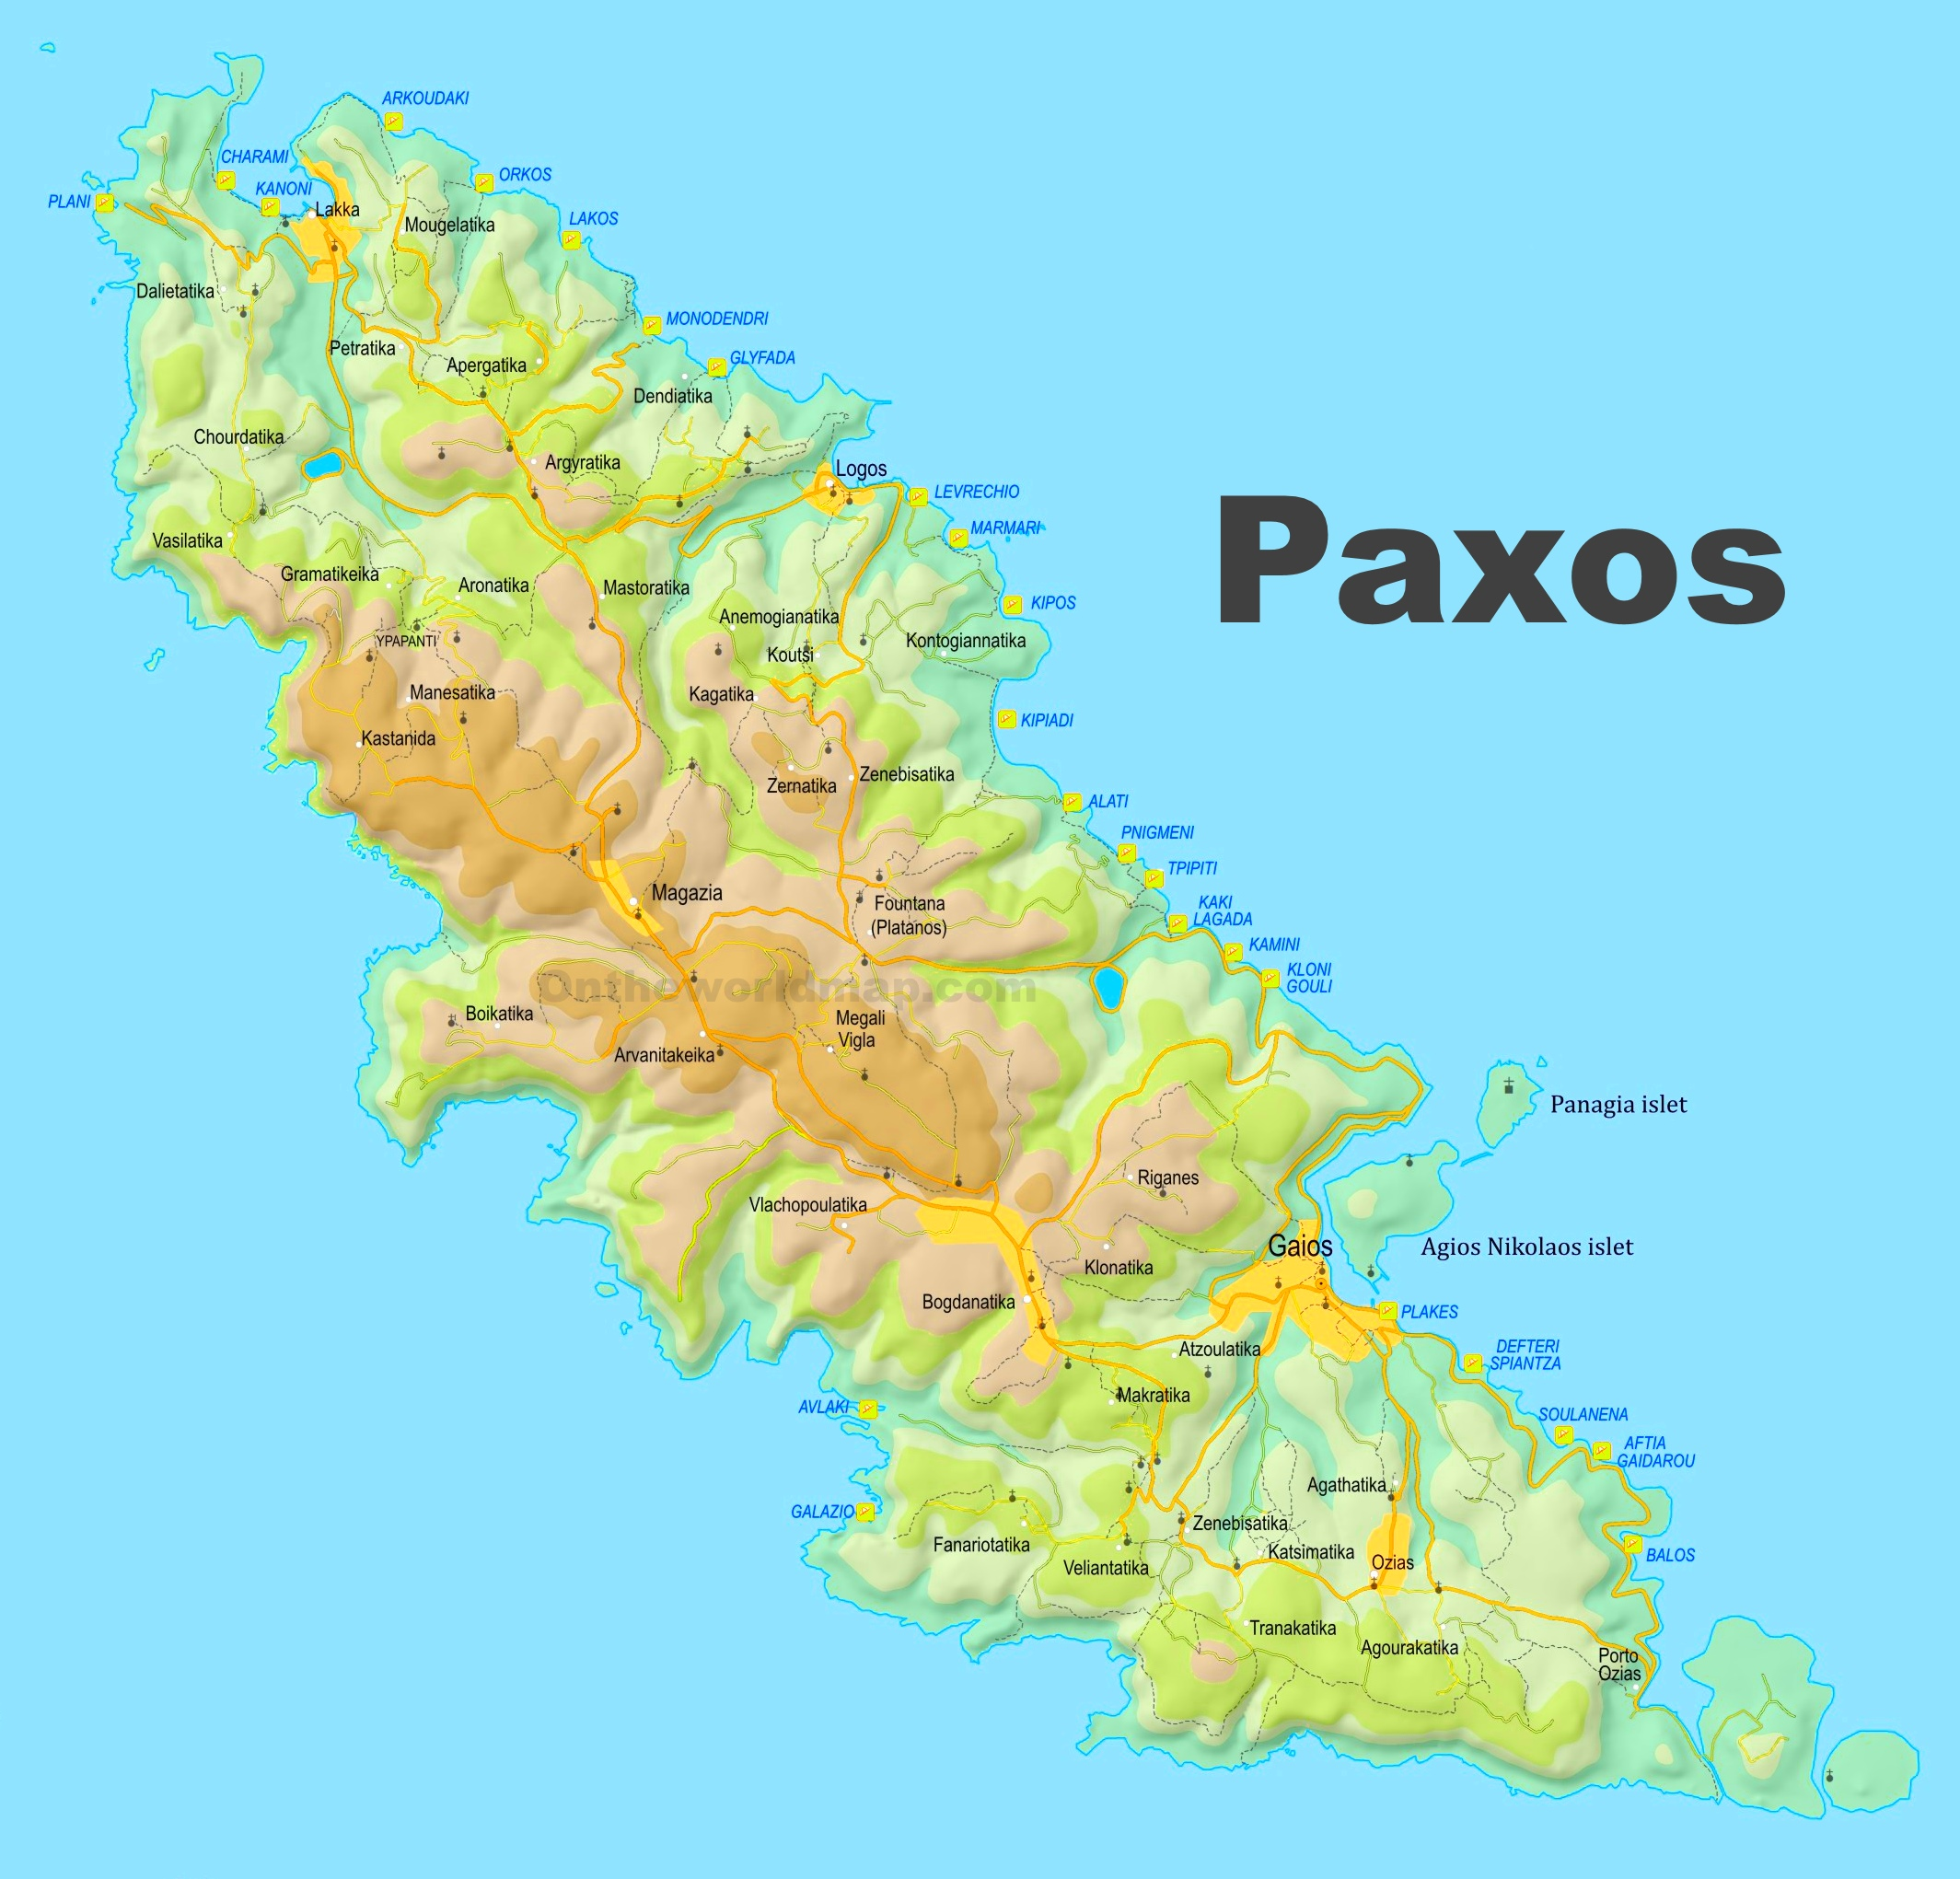 Paxos Beaches Map